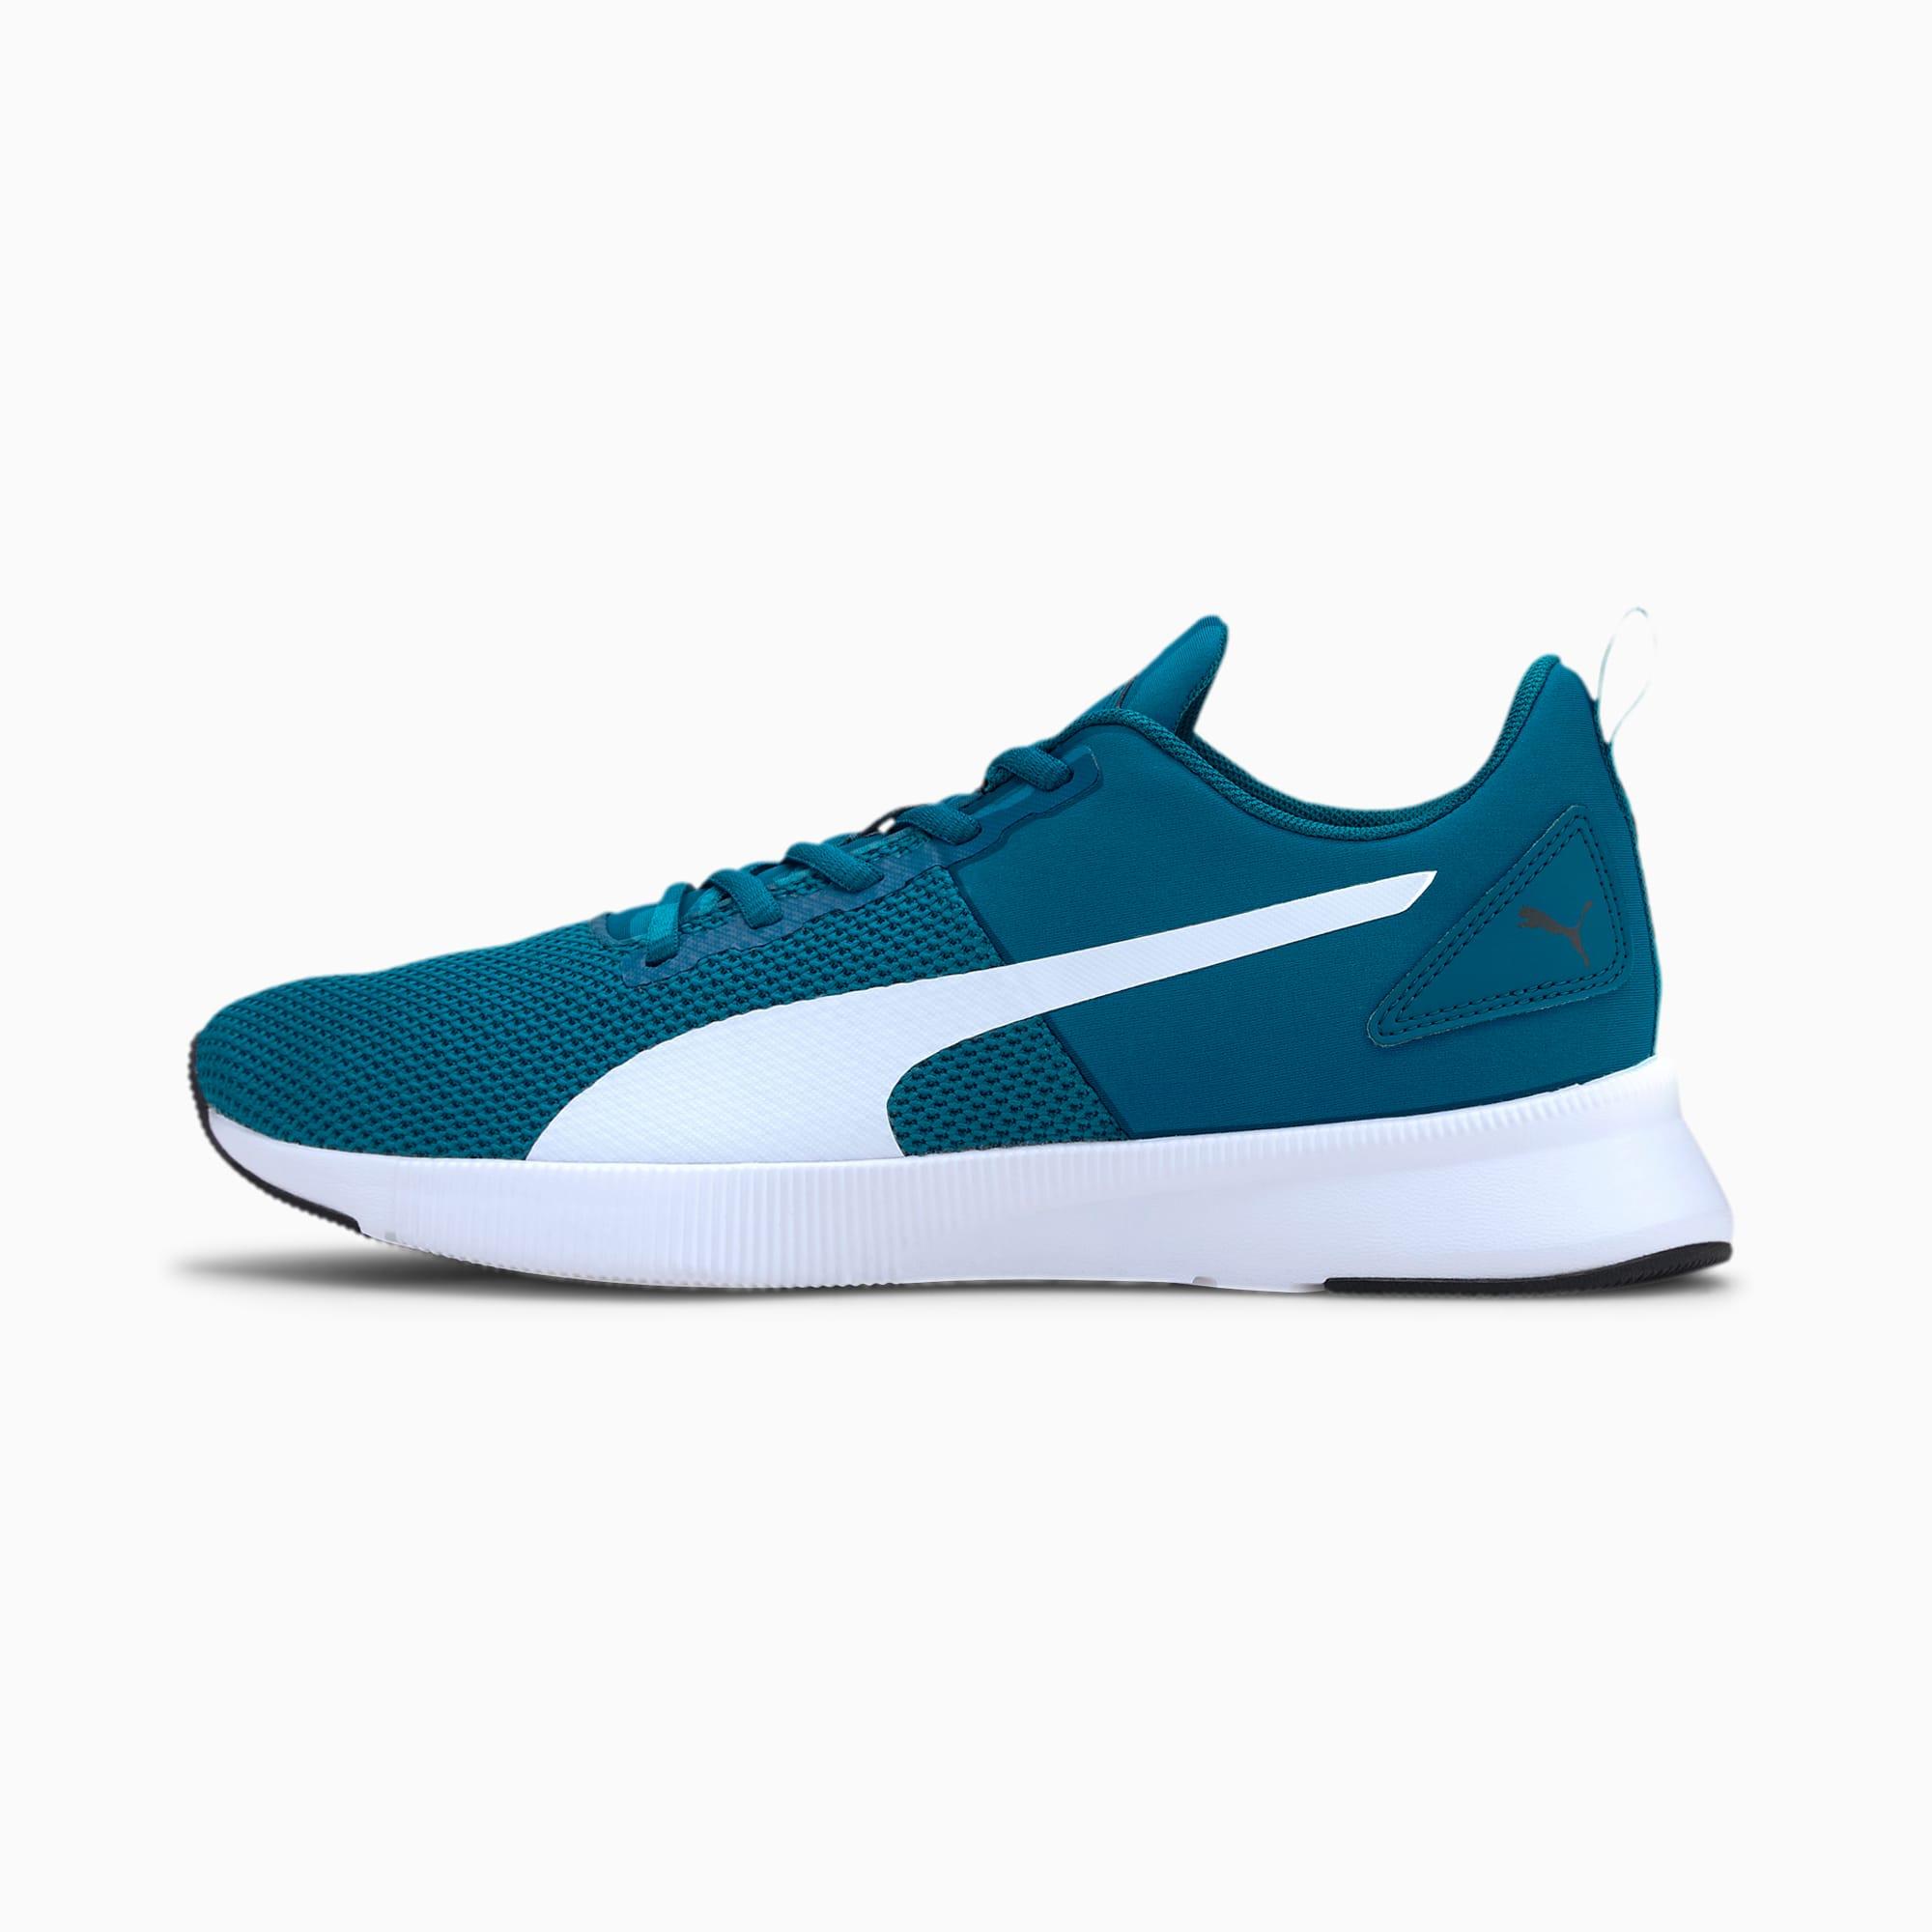 PUMA Chaussure de course Flyer Runner, Blanc/Bleu, Taille 48.5, Chaussures